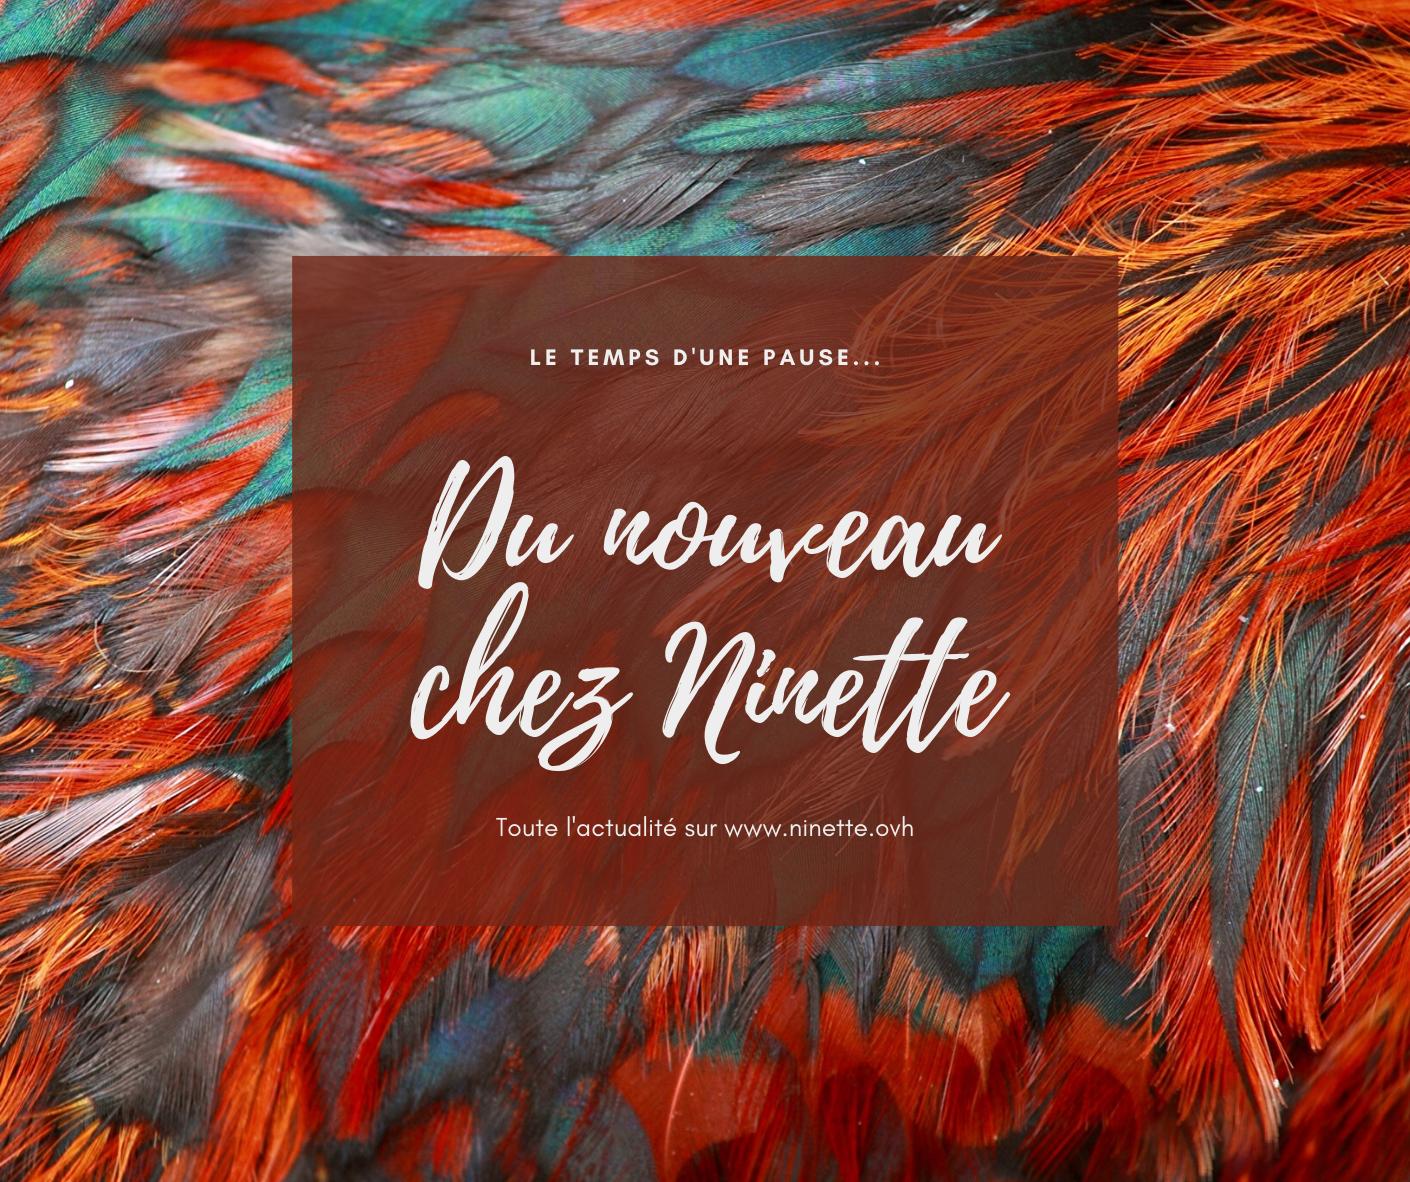 Un nouveau site pour Ninette !